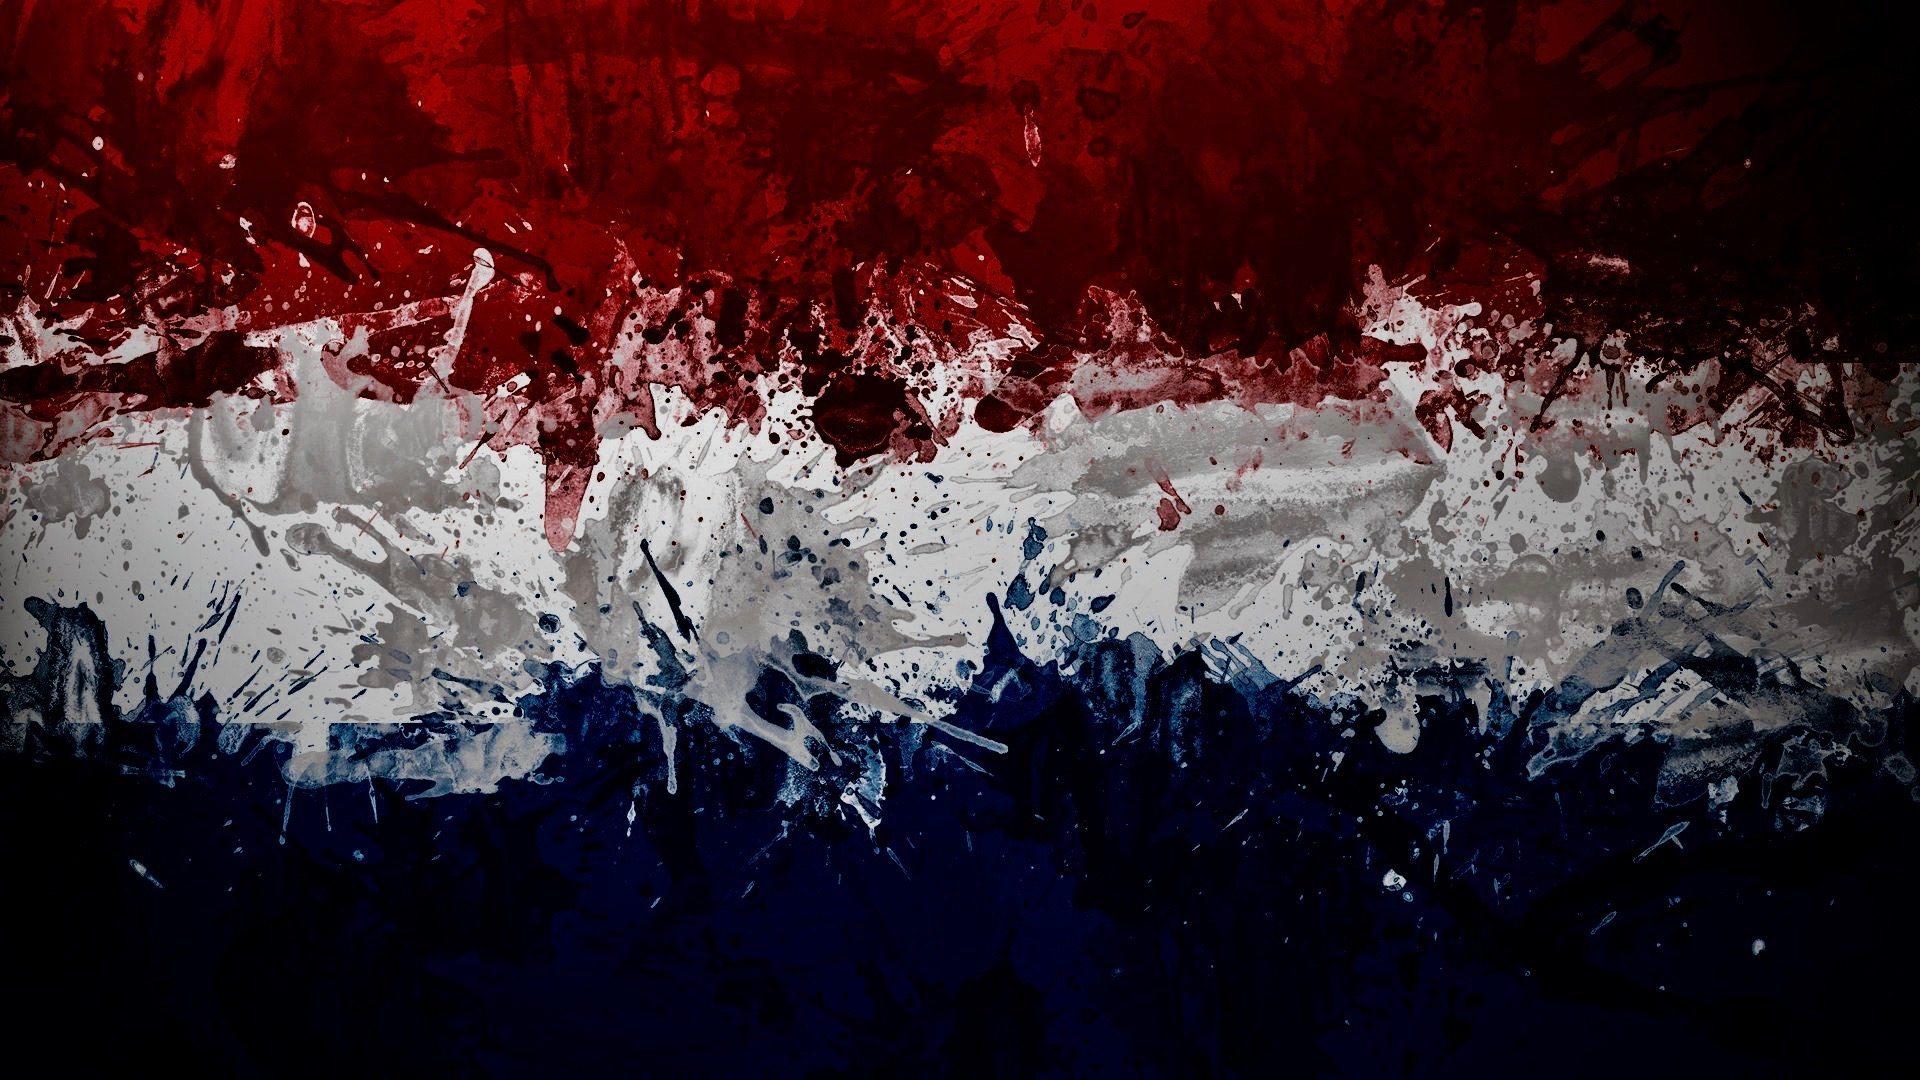 Oczy całej Holandii zwróciły się w kierunku Wawelu. Są wściekli, żądają wyjaśnień